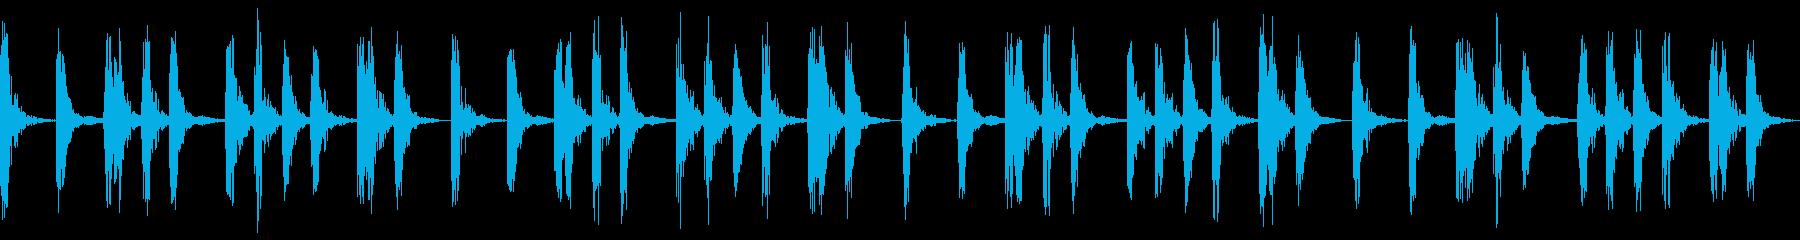 部屋の中から聞こえるドラムビートの再生済みの波形